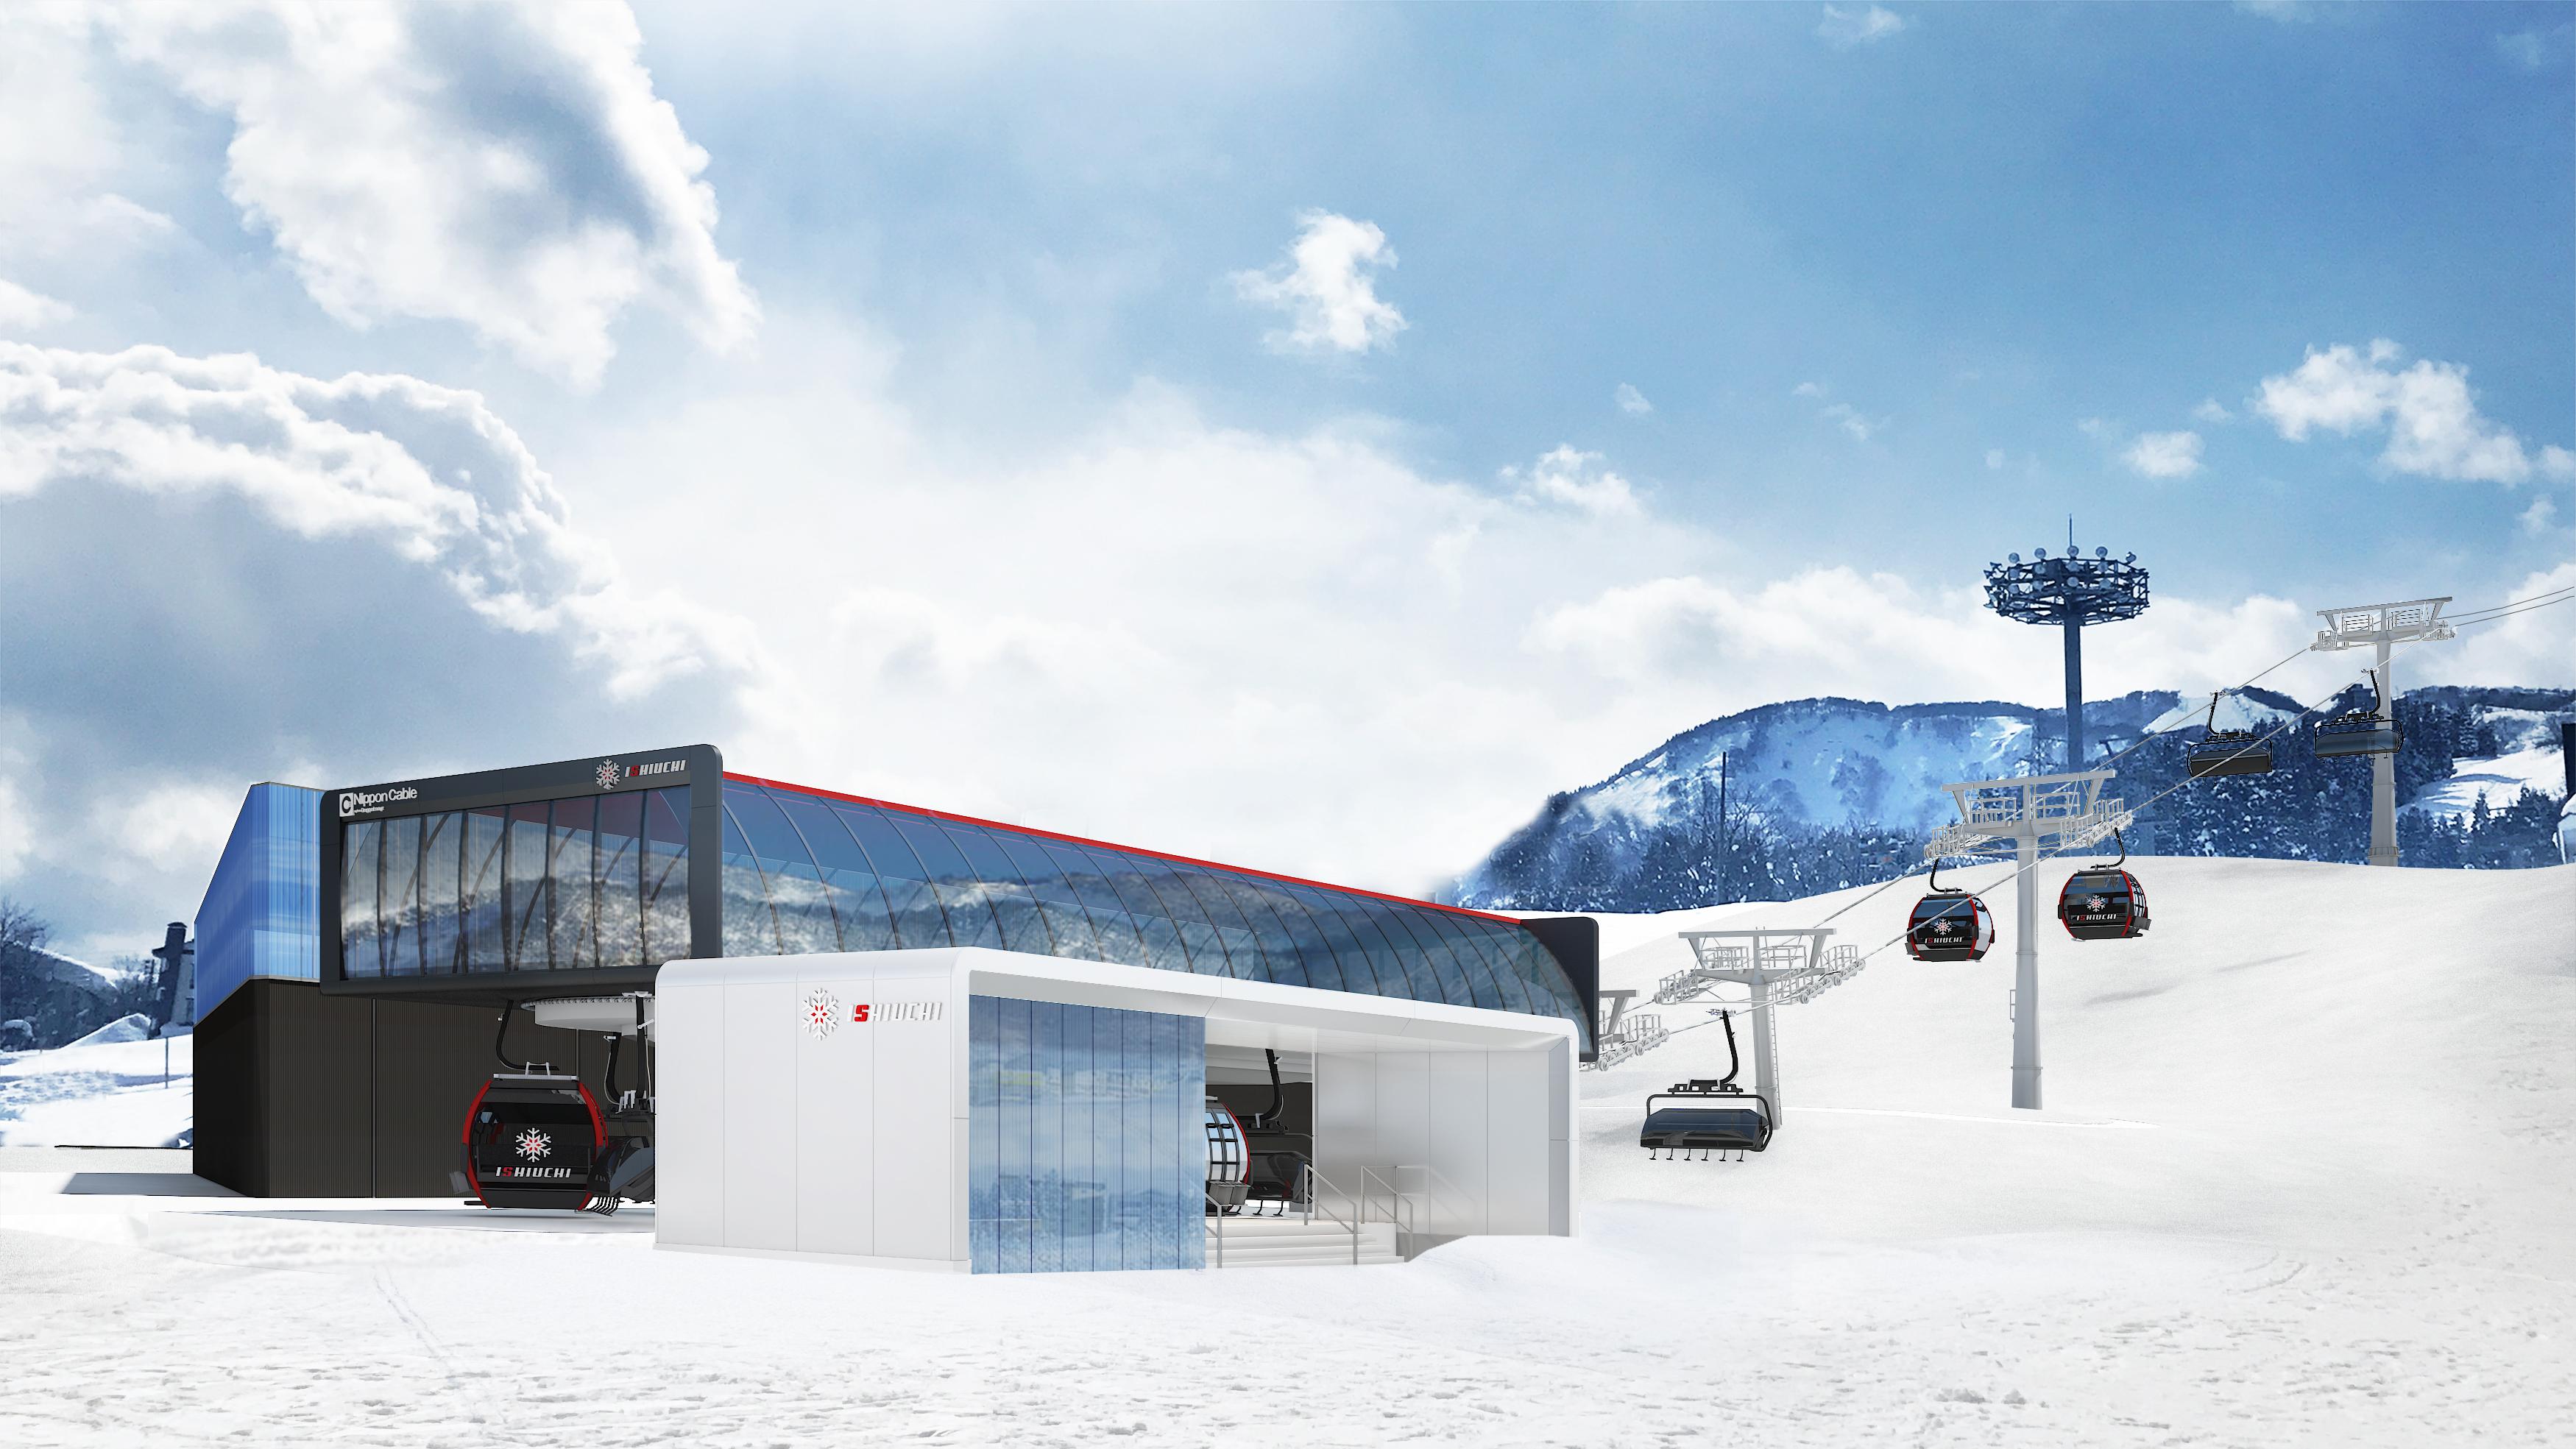 「サンライズエクスプレス 石打丸山スキー場」の画像検索結果